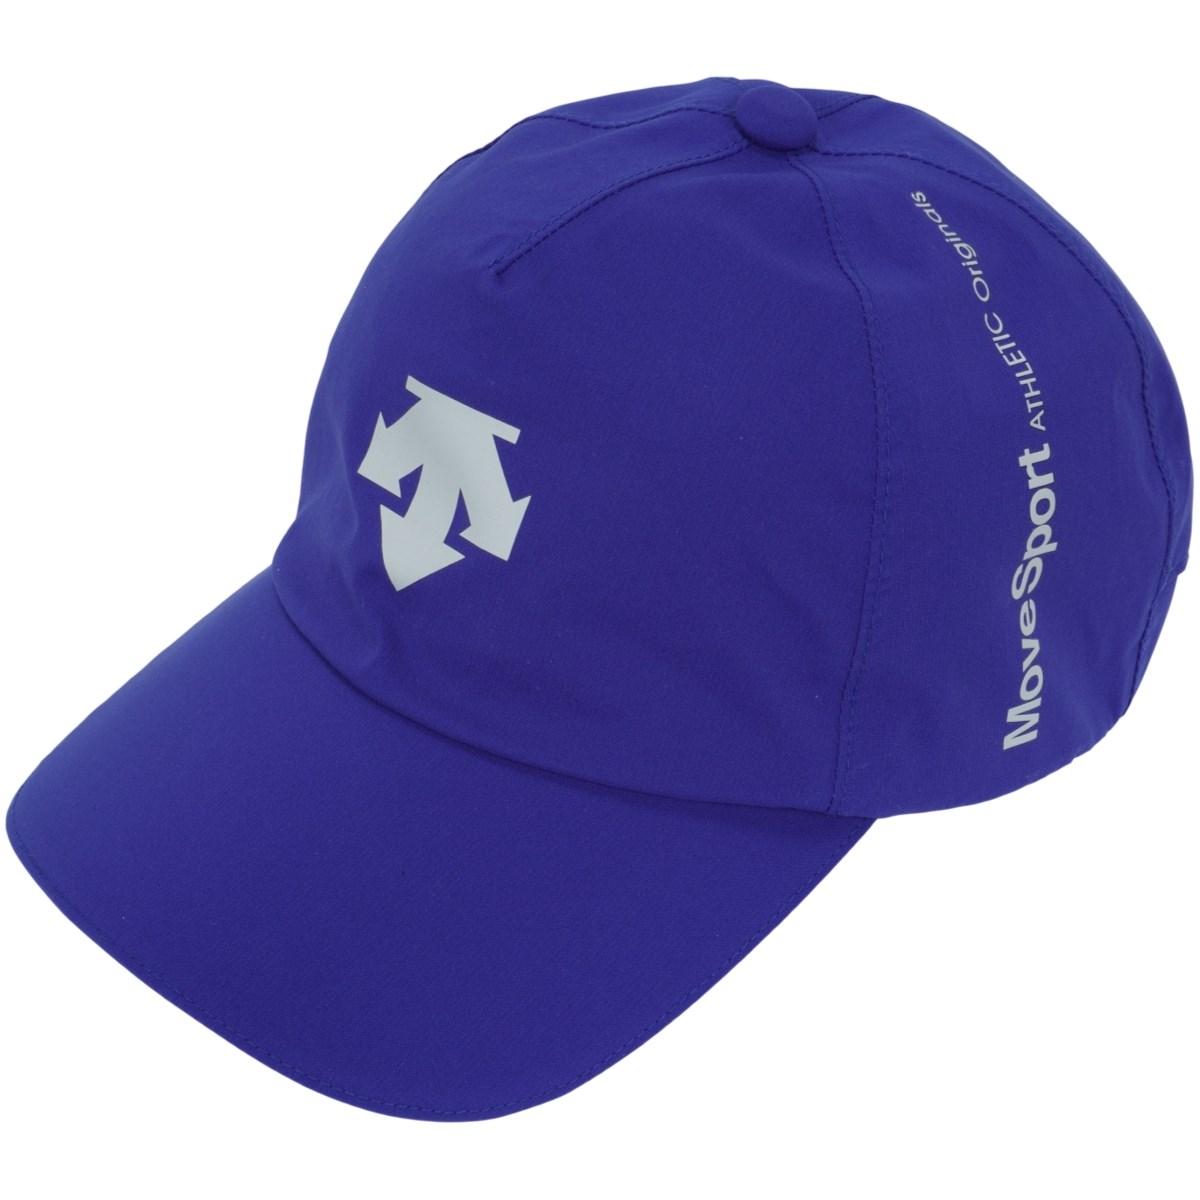 デサントゴルフ DESCENTE GOLF BLUE LABEL レインキャップ フリー ブルー 00